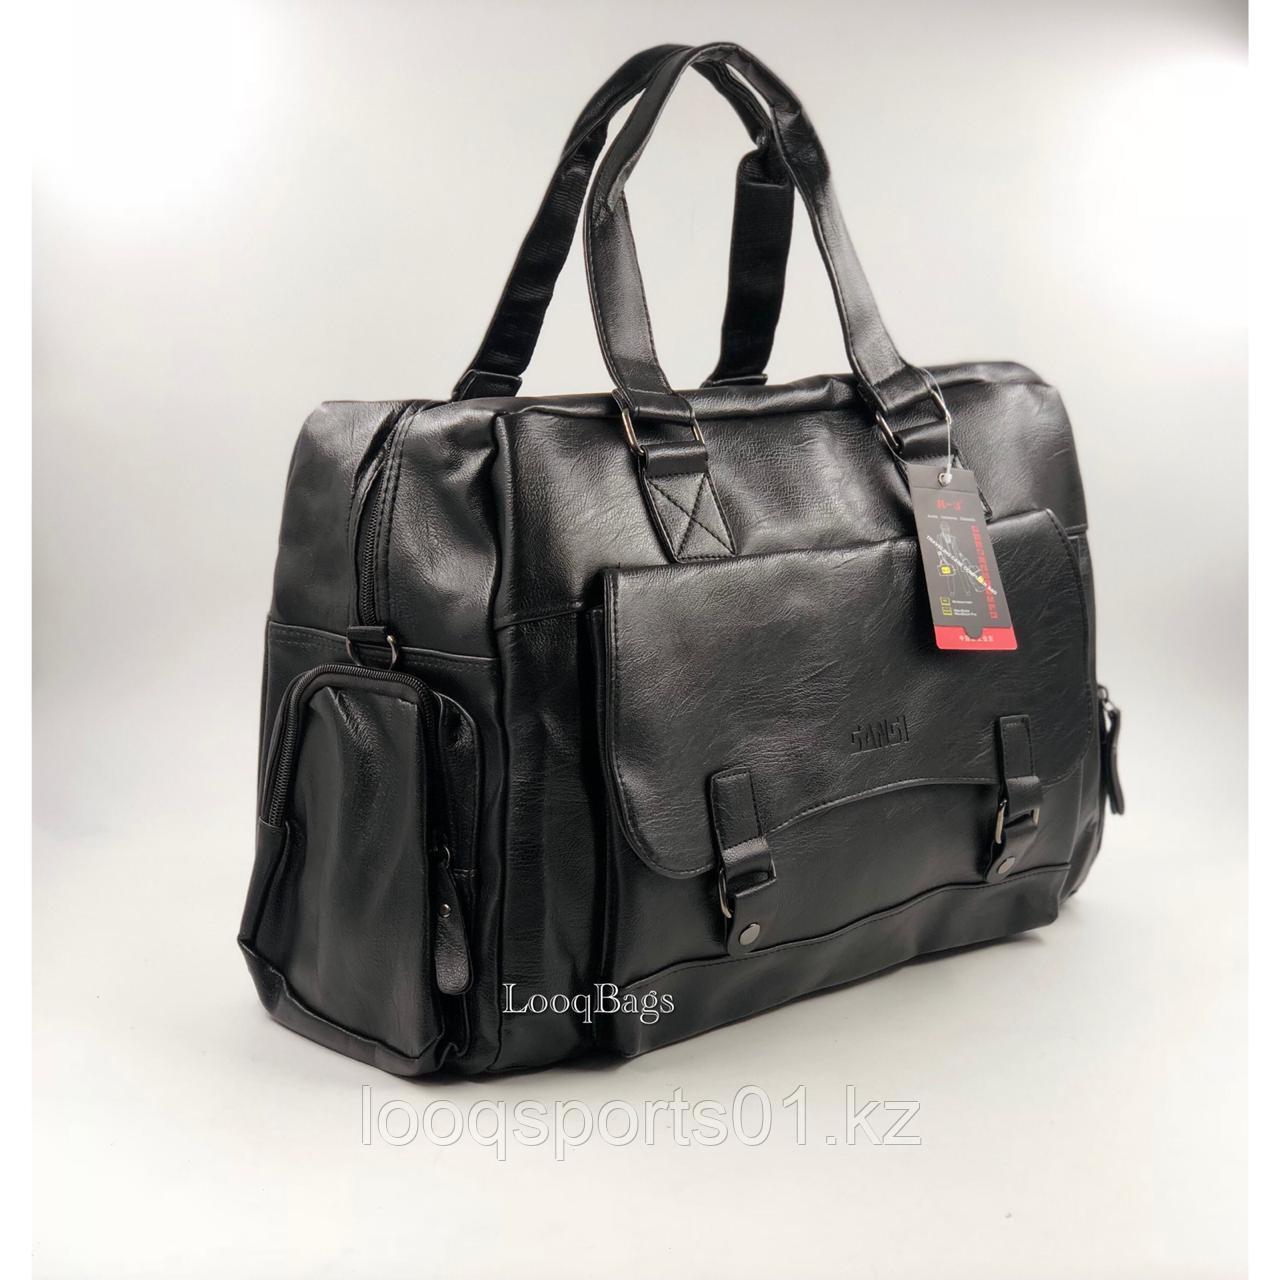 Кожаные дорожные спортивные сумки Sansi R-3 (8224)